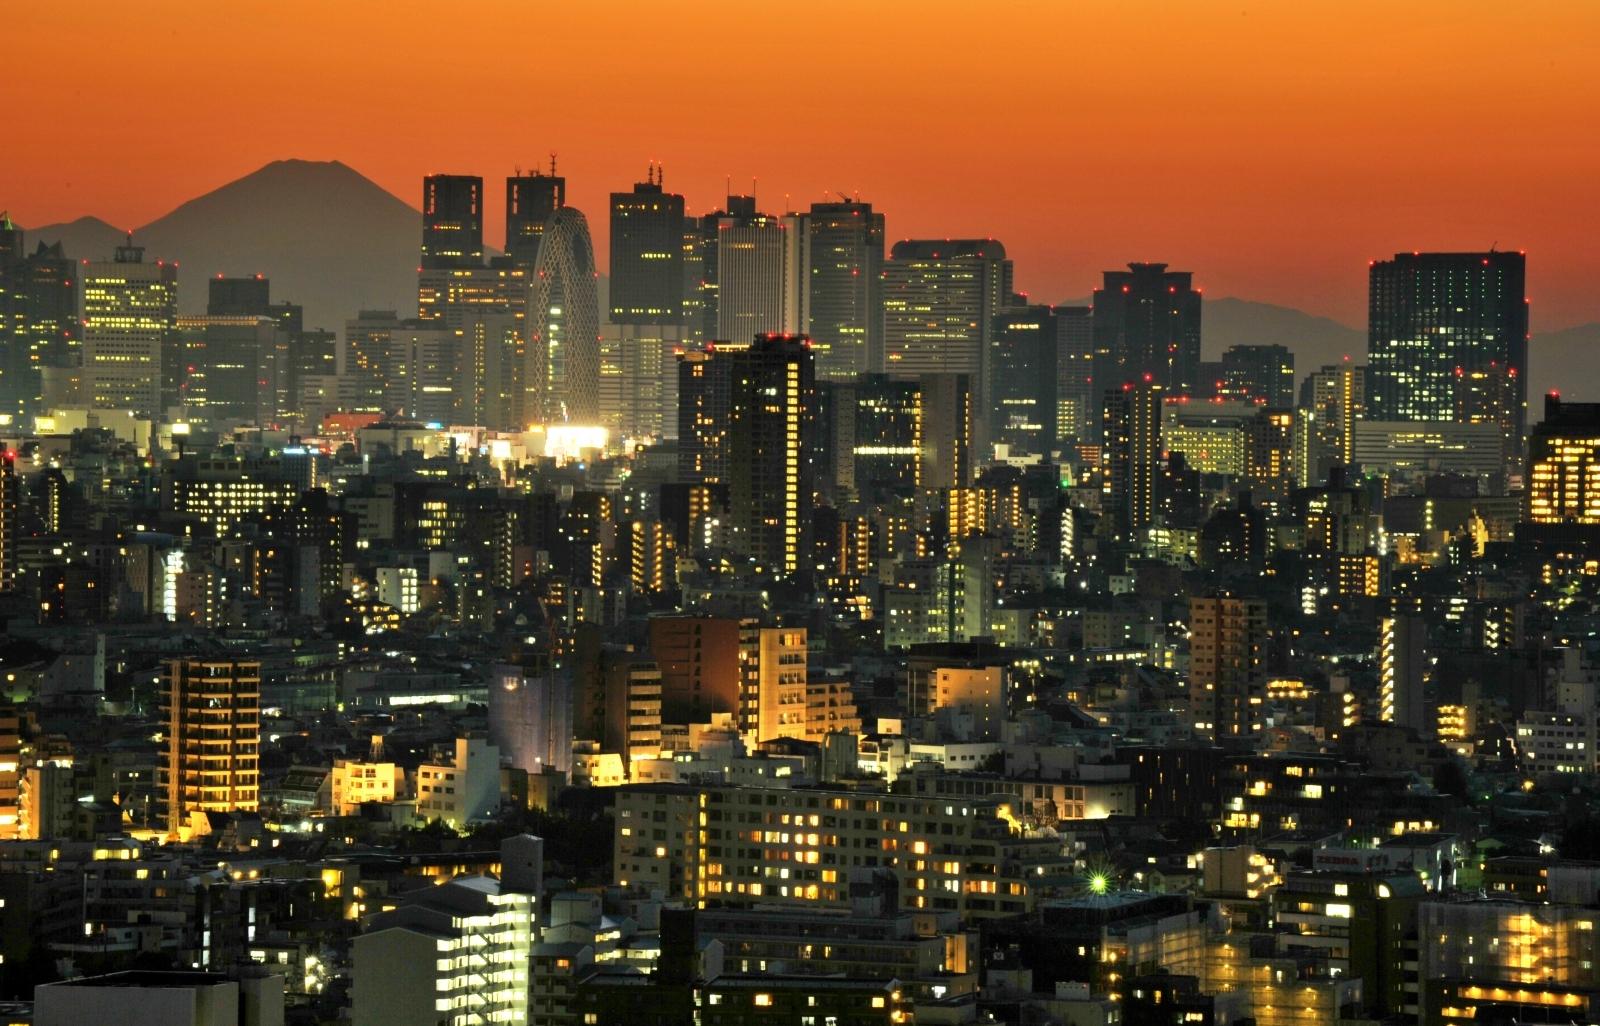 Mount Fuji behind Tokyo